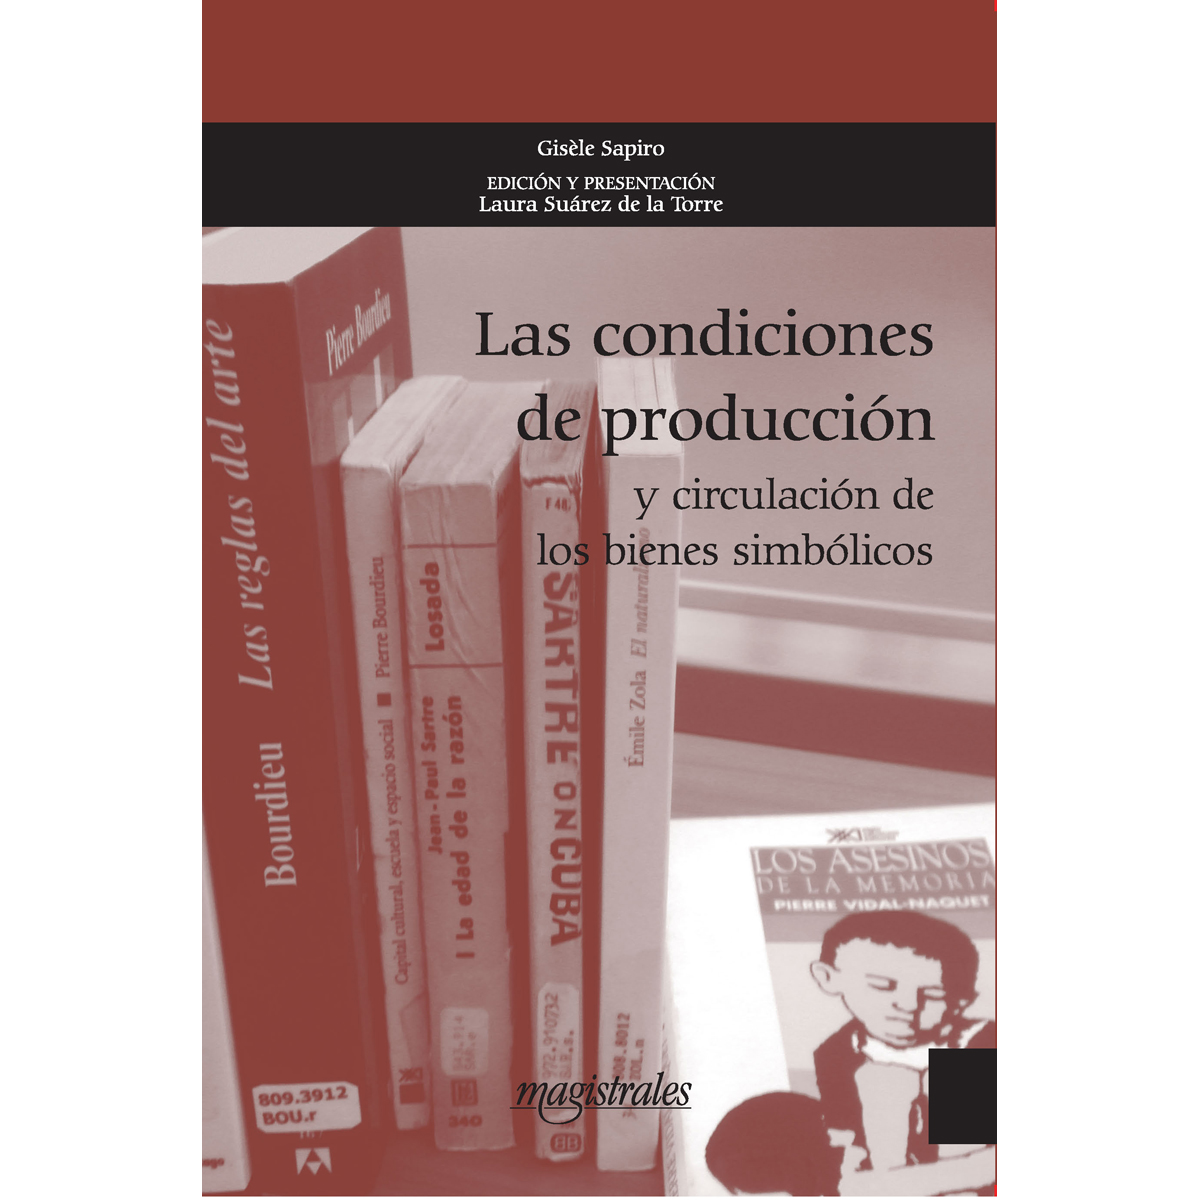 Las condiciones de producción y circulación de los bienes simbólicos